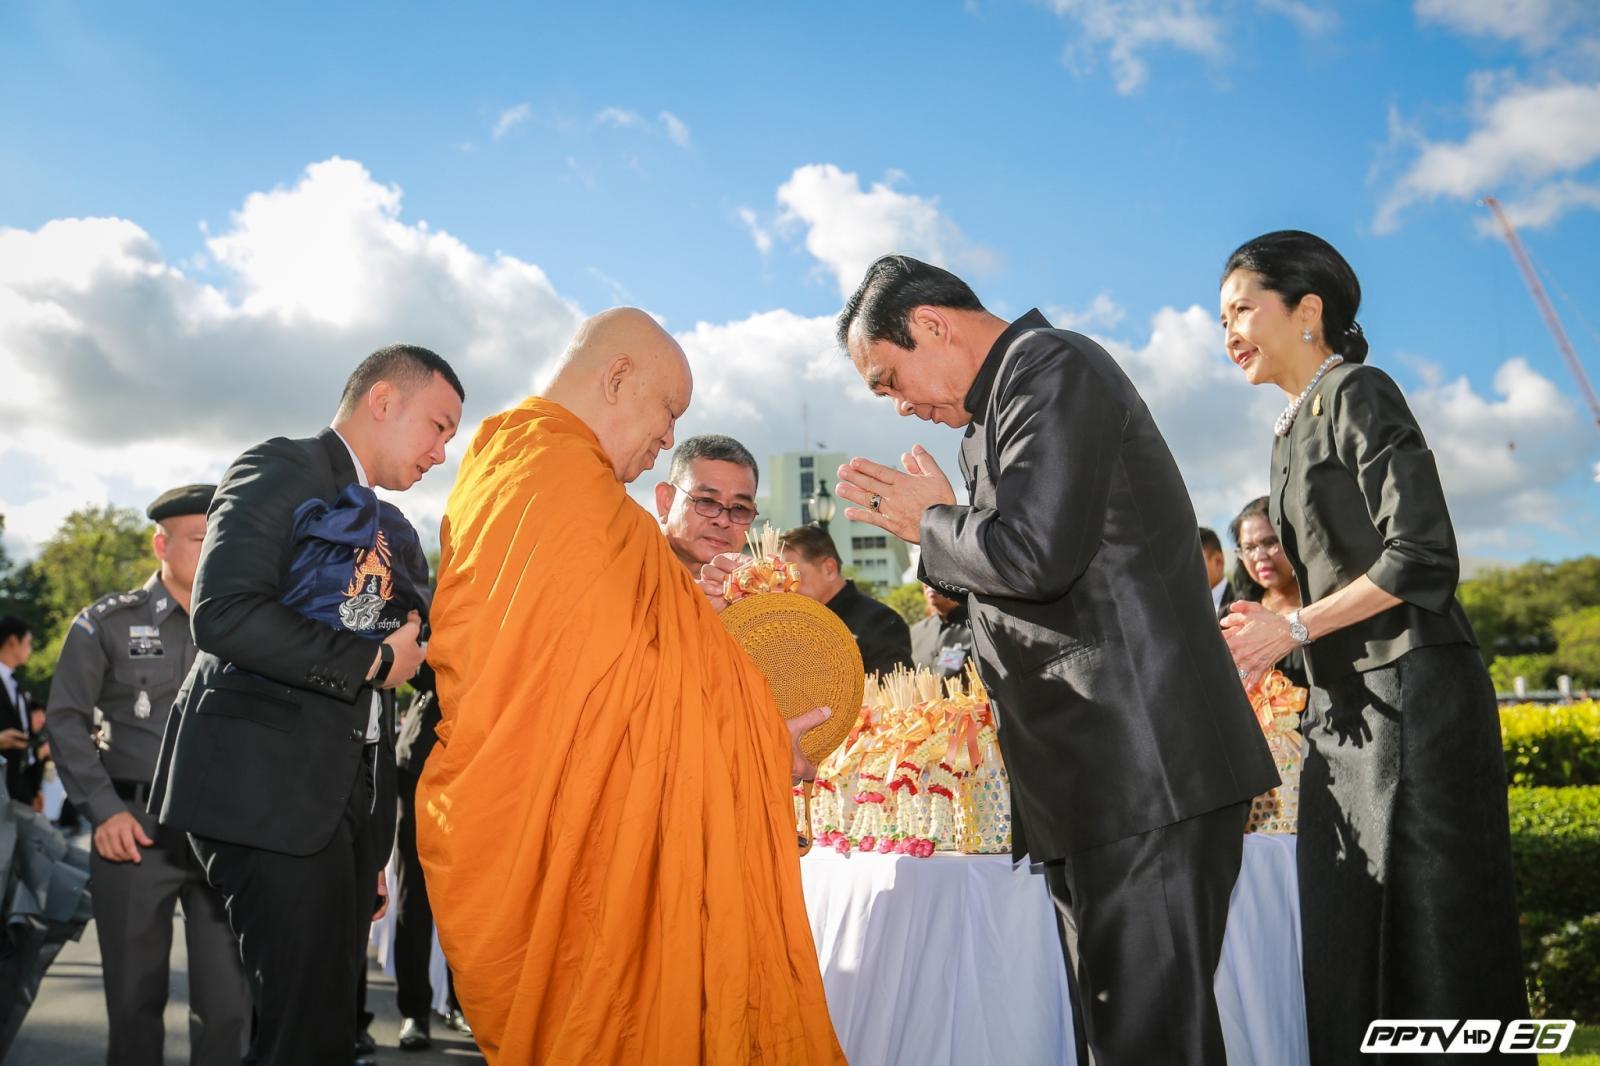 นายกฯ อวยพรปีใหม่ไทยฝากทุกคนร่วมพัฒนาประเทศ